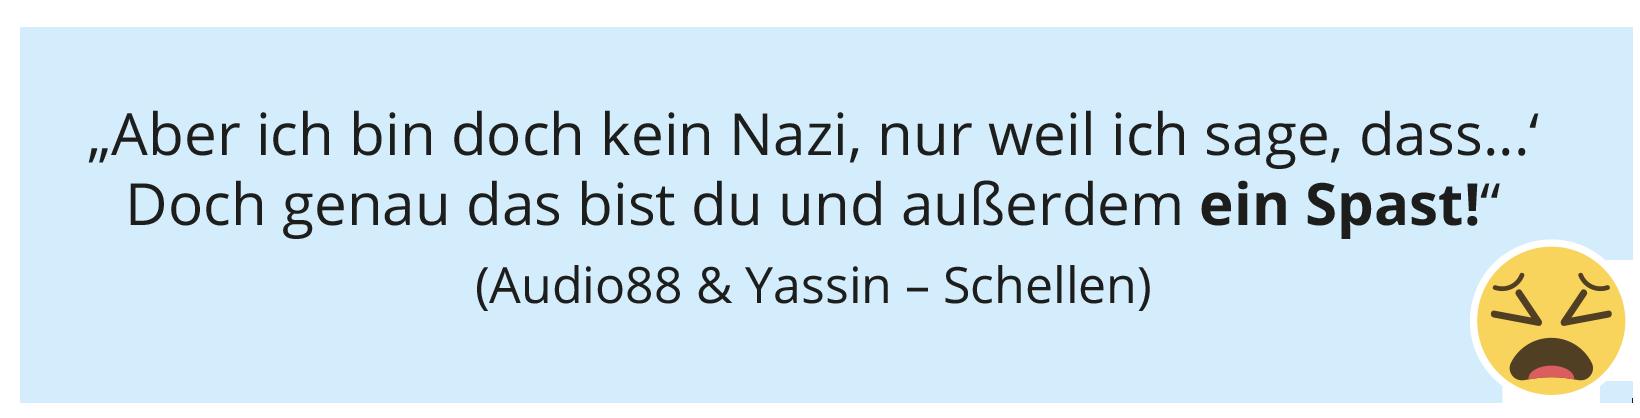 """""""Aber ich bin doch kein Nazi, nur weil ich sage, dass...' Doch genau das bist du und außerdem ein Spast!"""" (Audio88 & Yassin – Schellen)"""